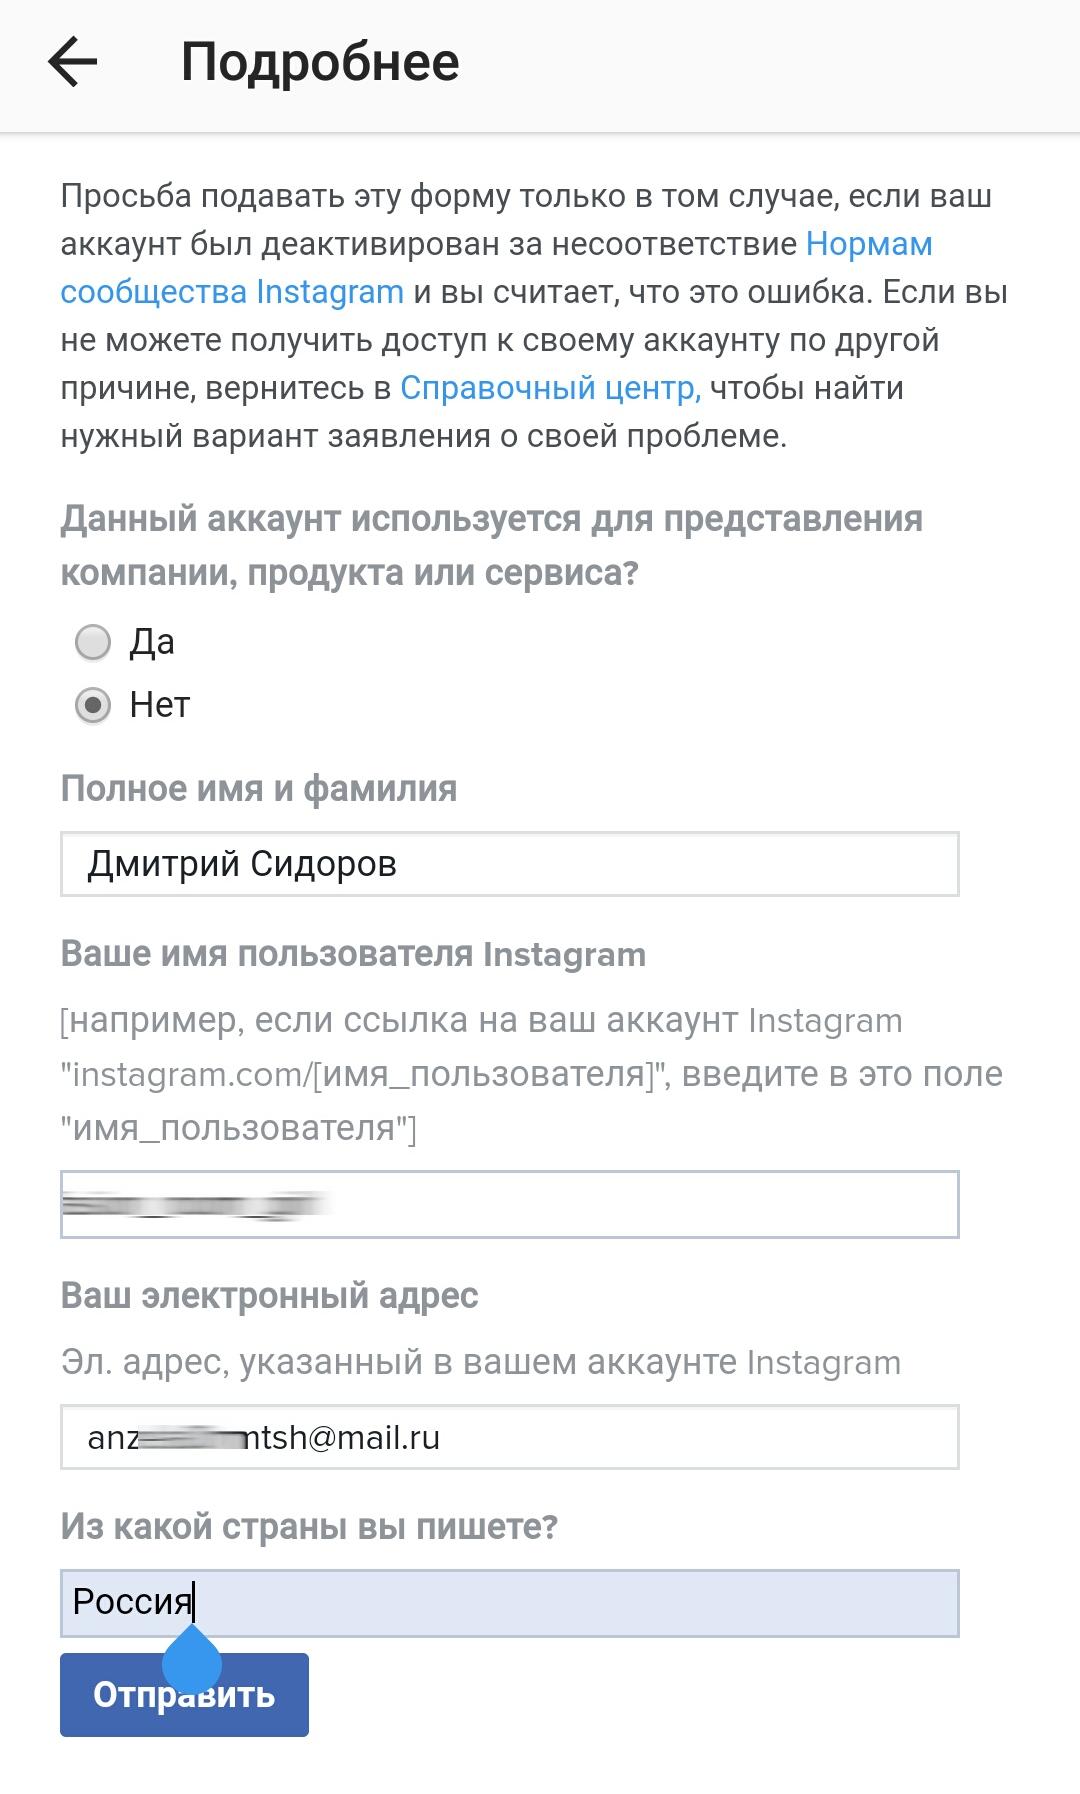 kak vosstanovit dostup k instagram razblokirovka akkaunta